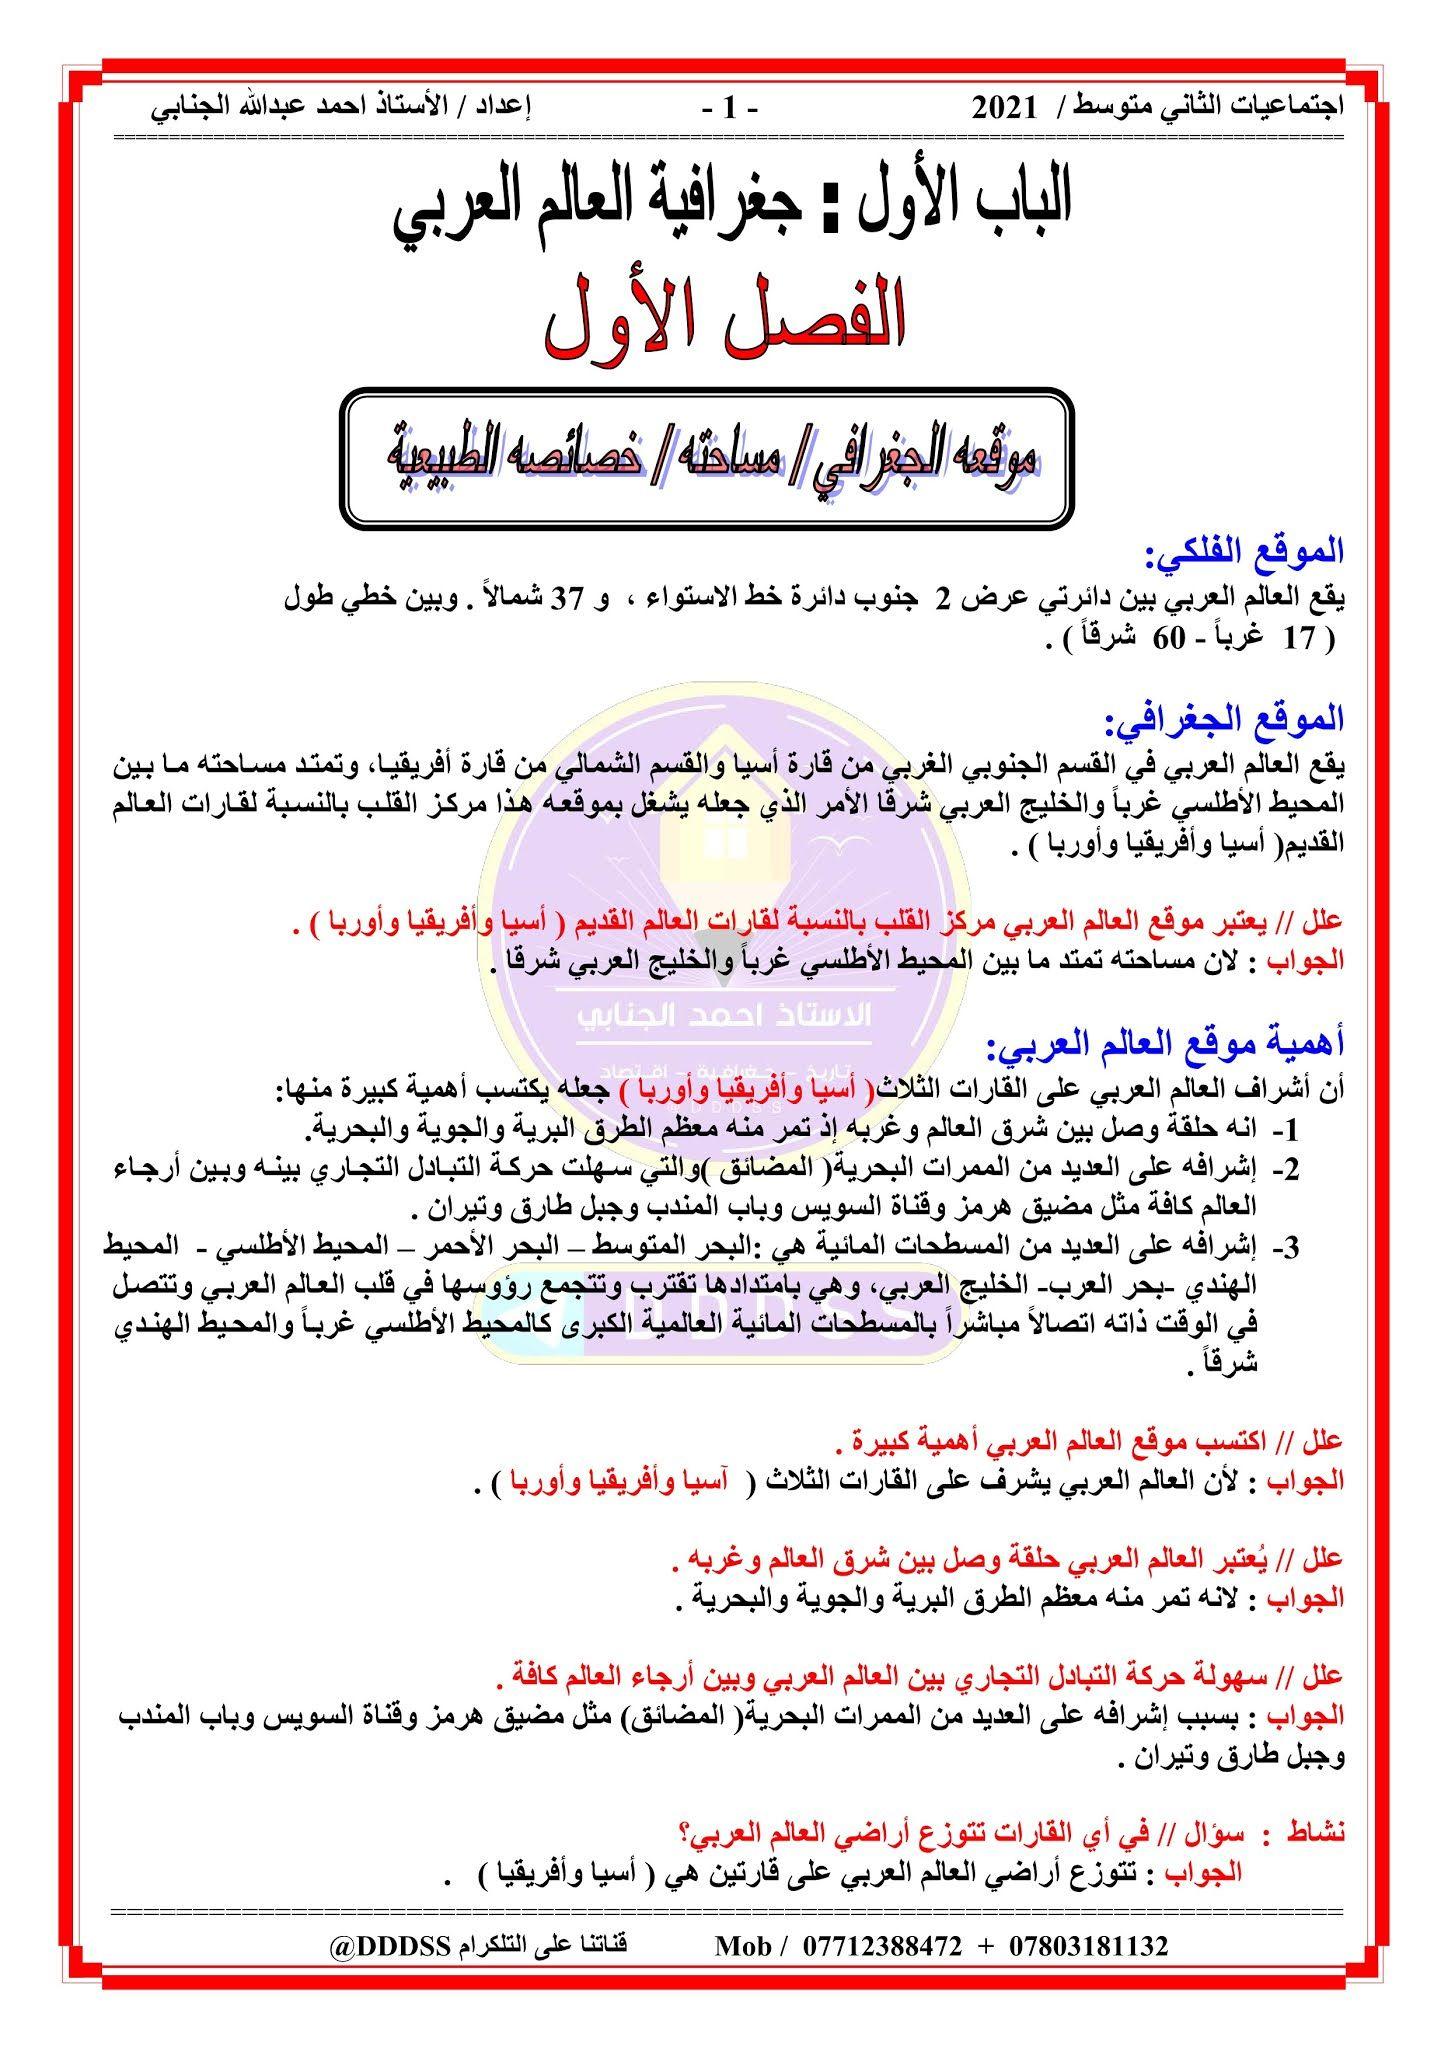 العلوم ثاني متوسط الفصل الدراسي الأول Math Math Equations Arabic Calligraphy